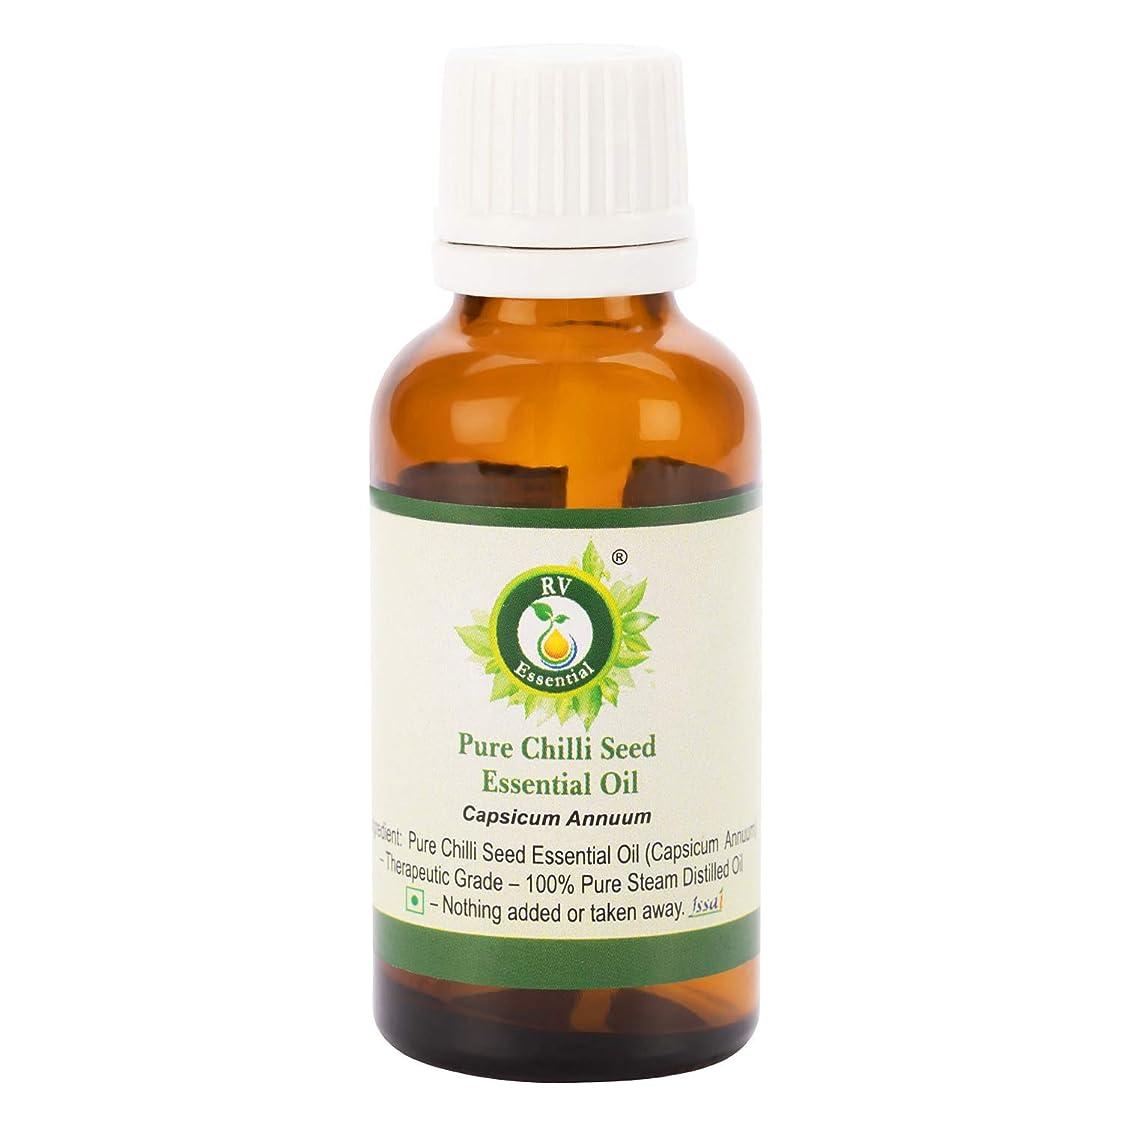 ピュアチリシードエッセンシャルオイル100ml (3.38oz)- Capsicum Annuum (100%純粋&天然スチームDistilled) Pure Chilli Seed Essential Oil